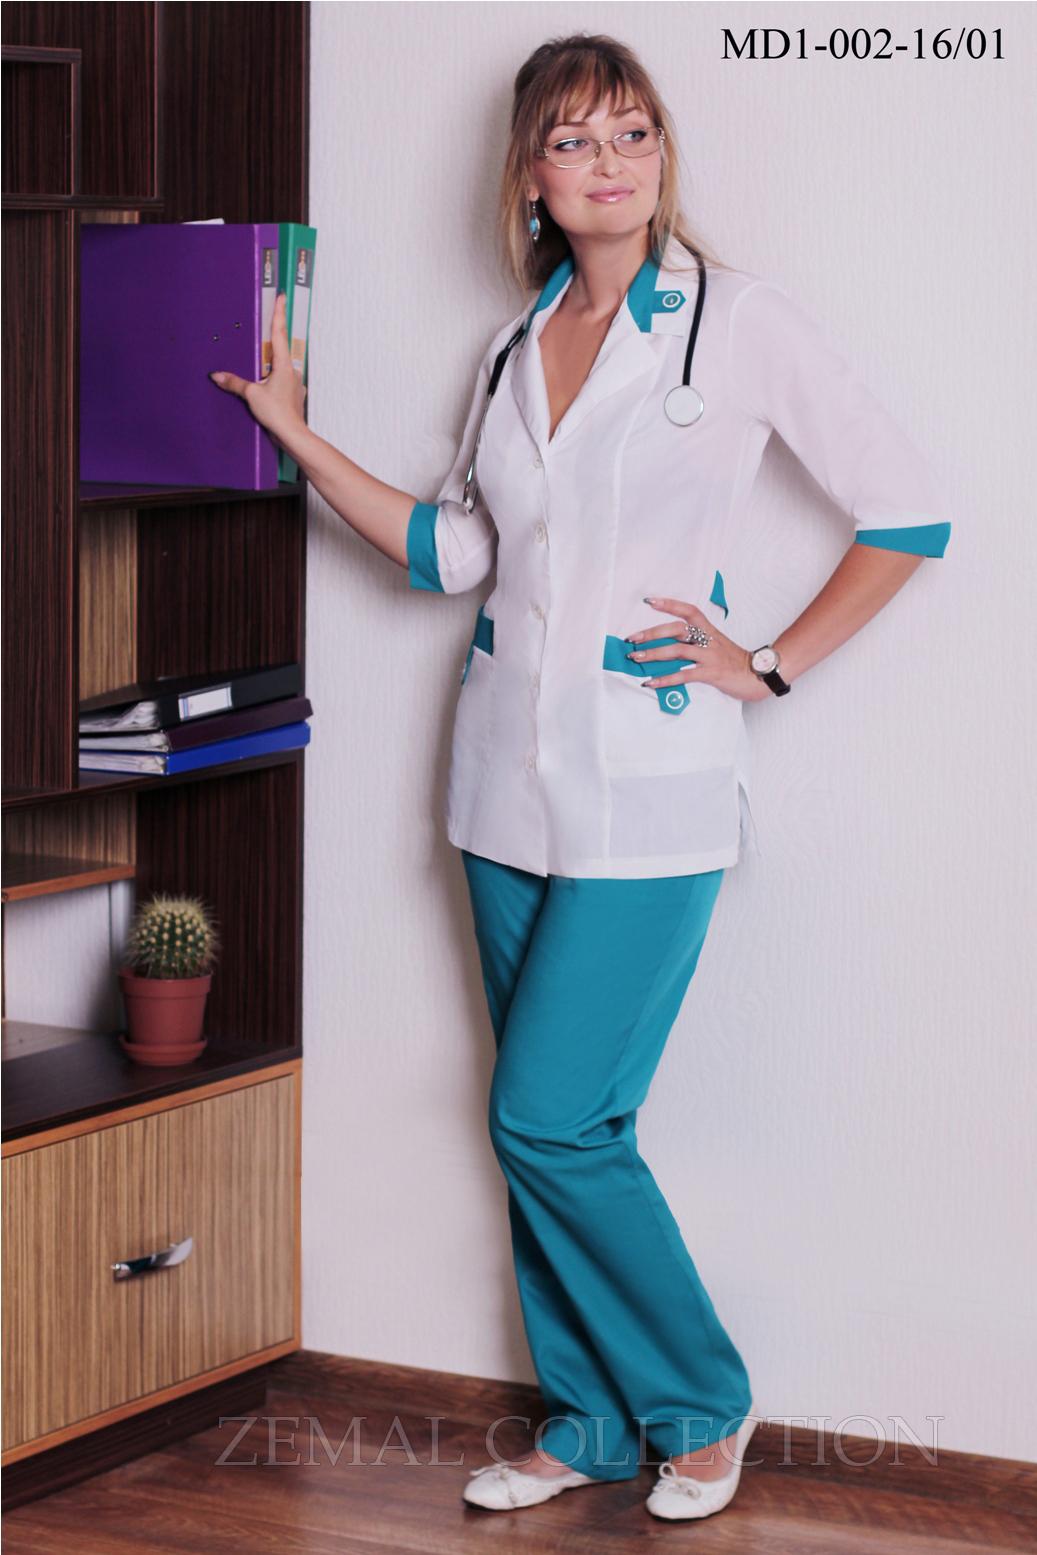 Купити жіночий медичний одяг 4504bbf9fdbcc